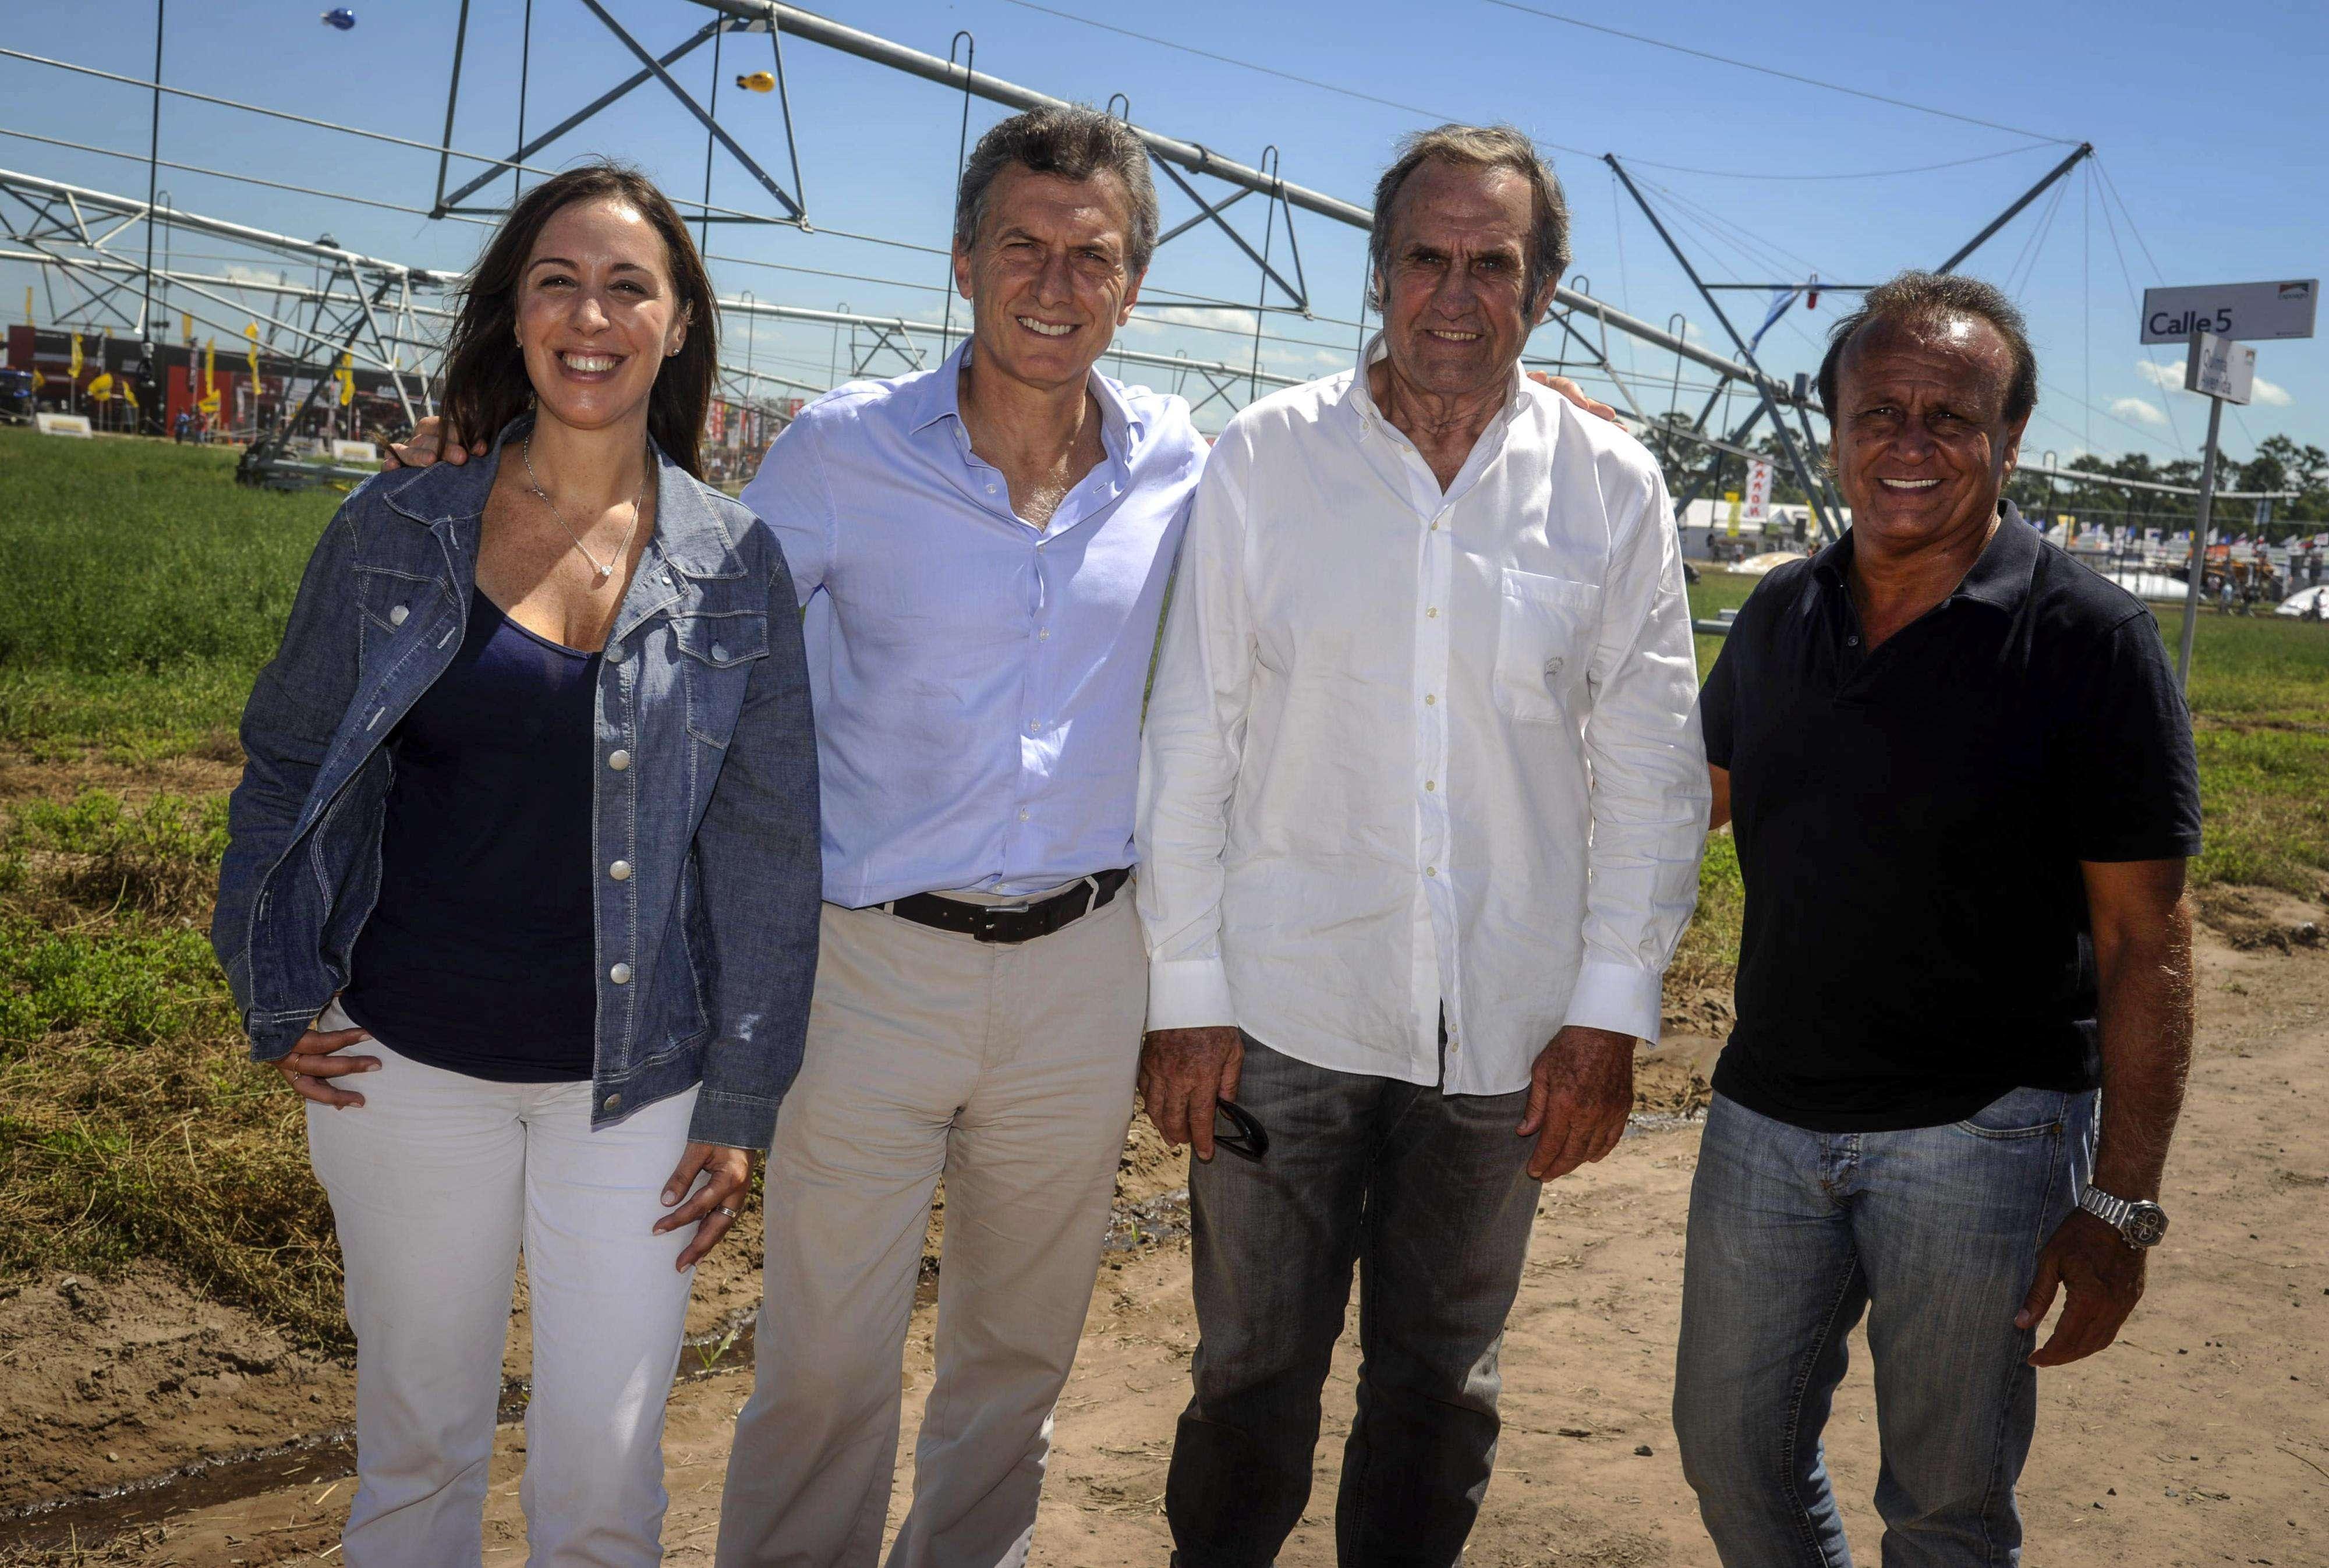 """Mauricio Macri y Carlos """"Lole"""" Reutemann se mostraron en Expoagro, la feria que se realiza en Ramallo y aglutina a los principales dirigentes del campo, junto a María Eugenia Vidal y Miguel Del Sel. Foto: NA"""